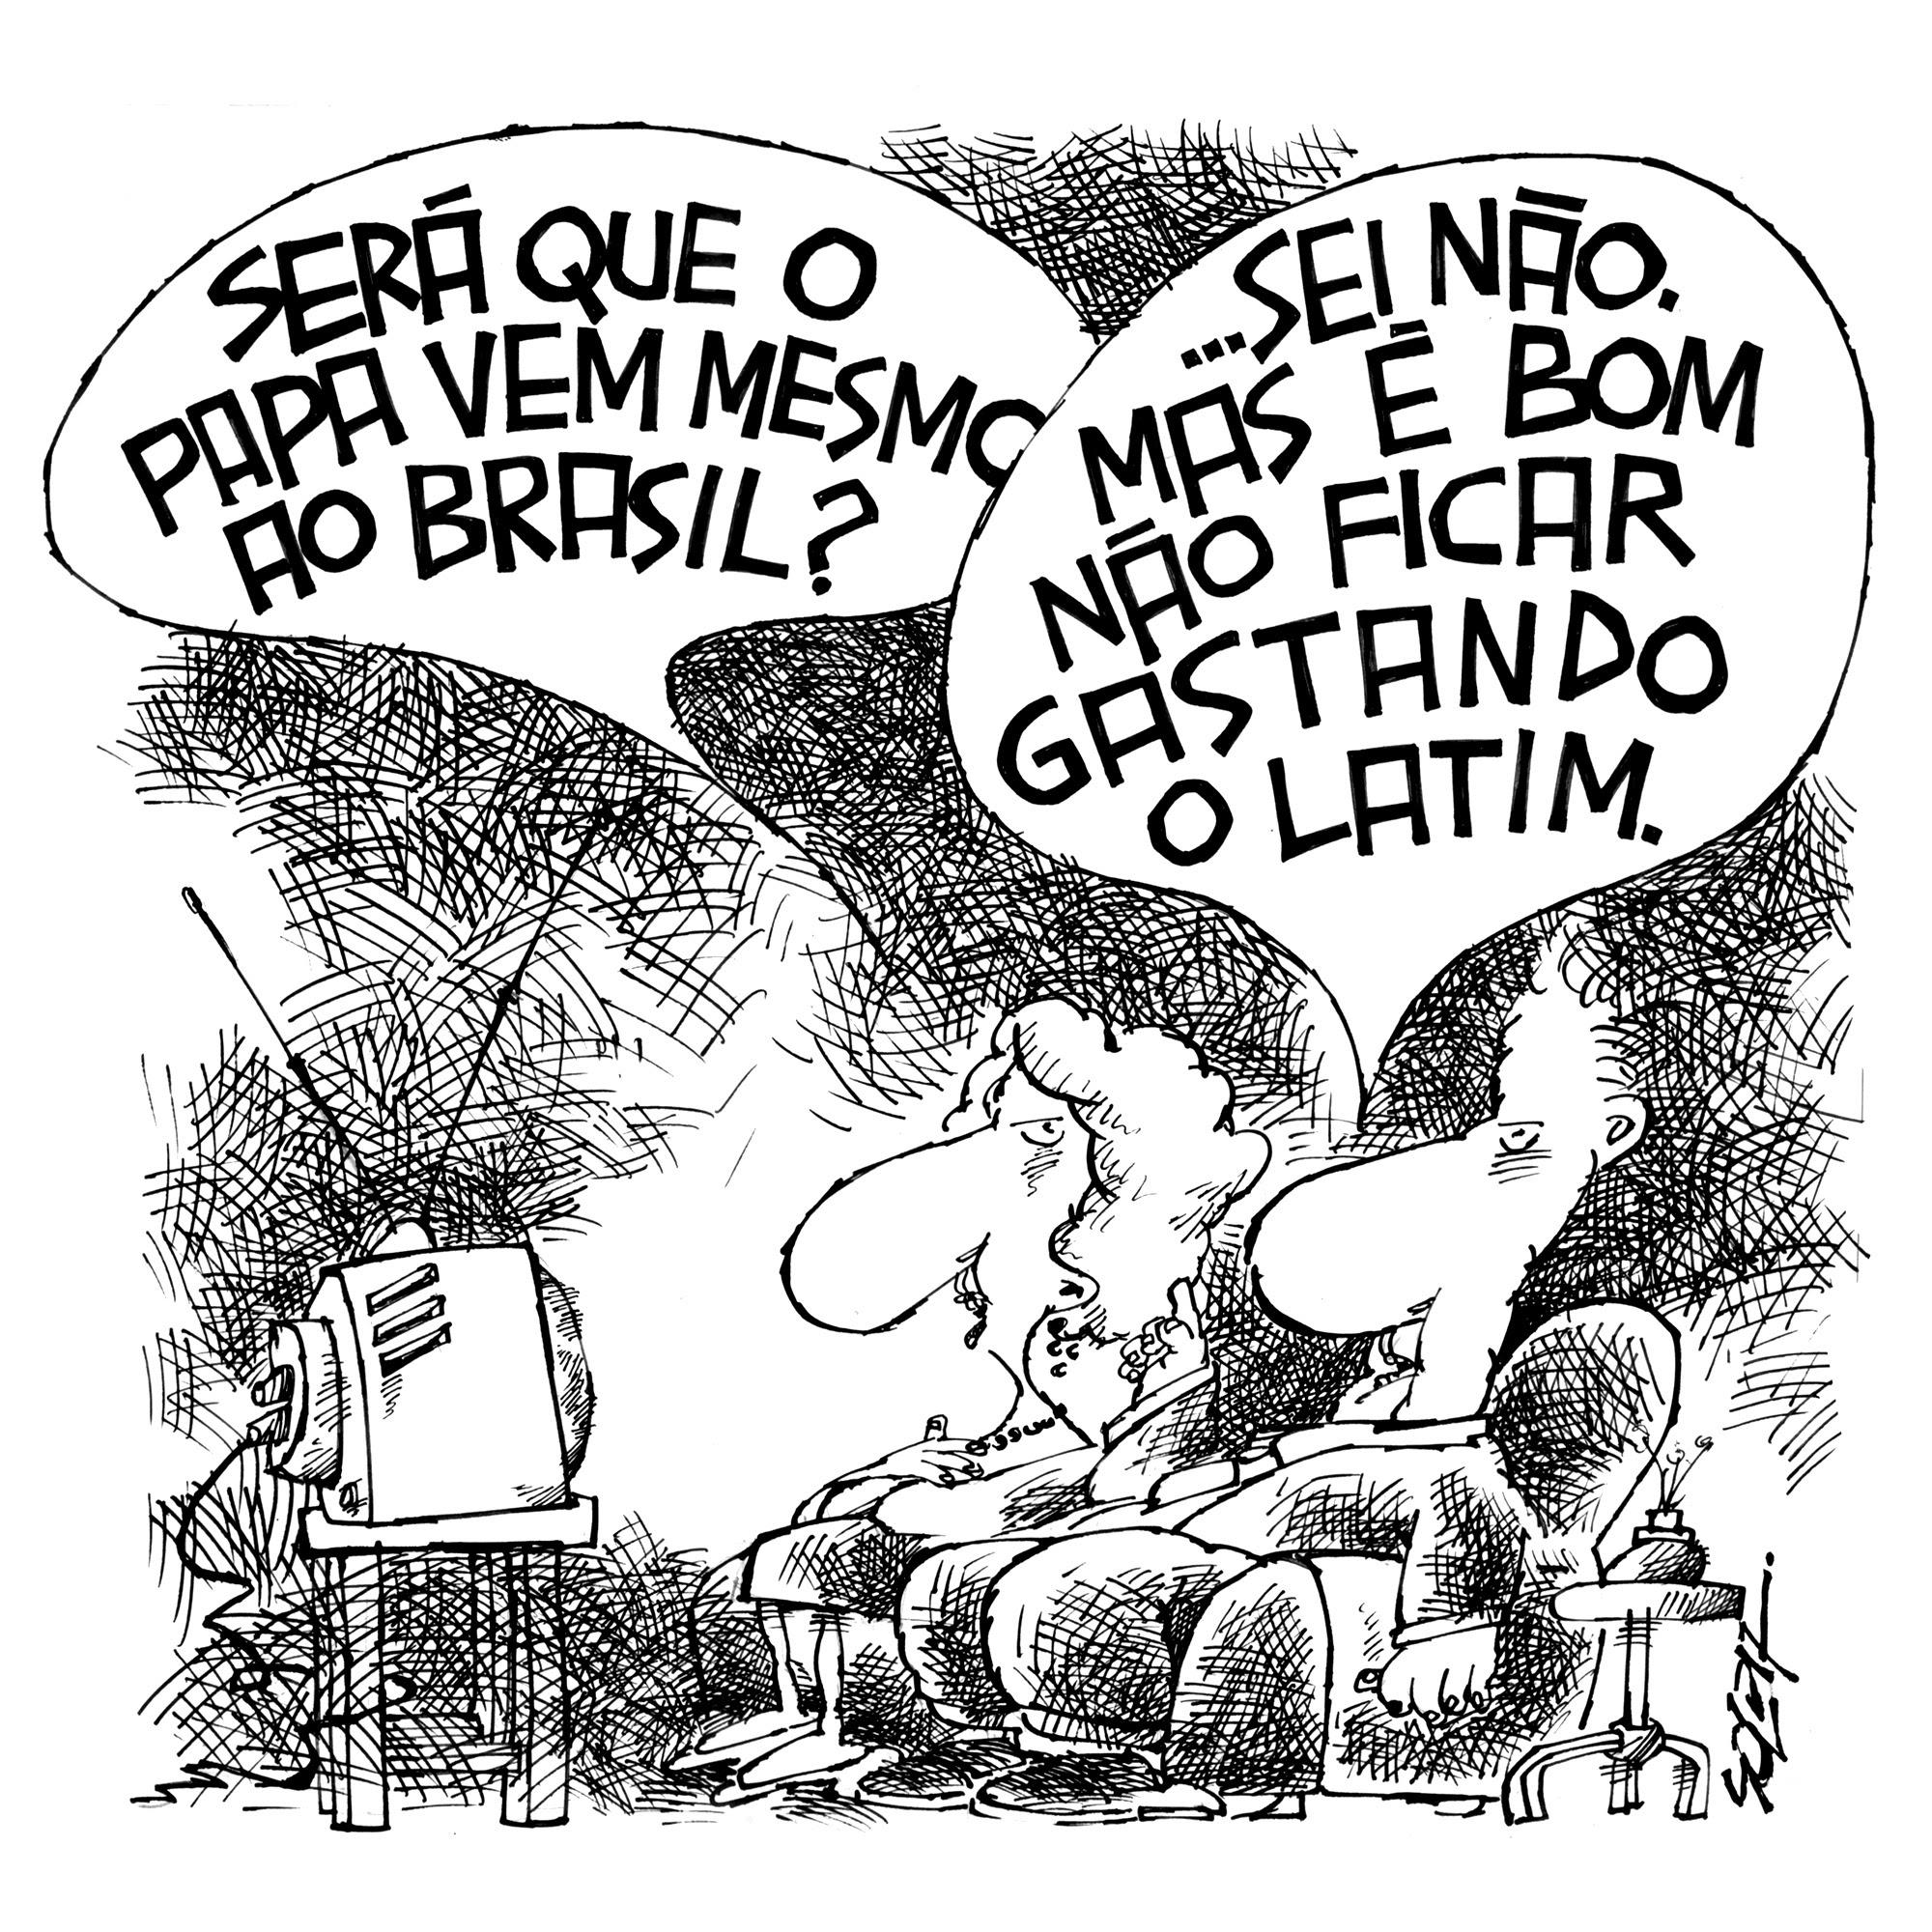 GASTANDO-O-LATIM